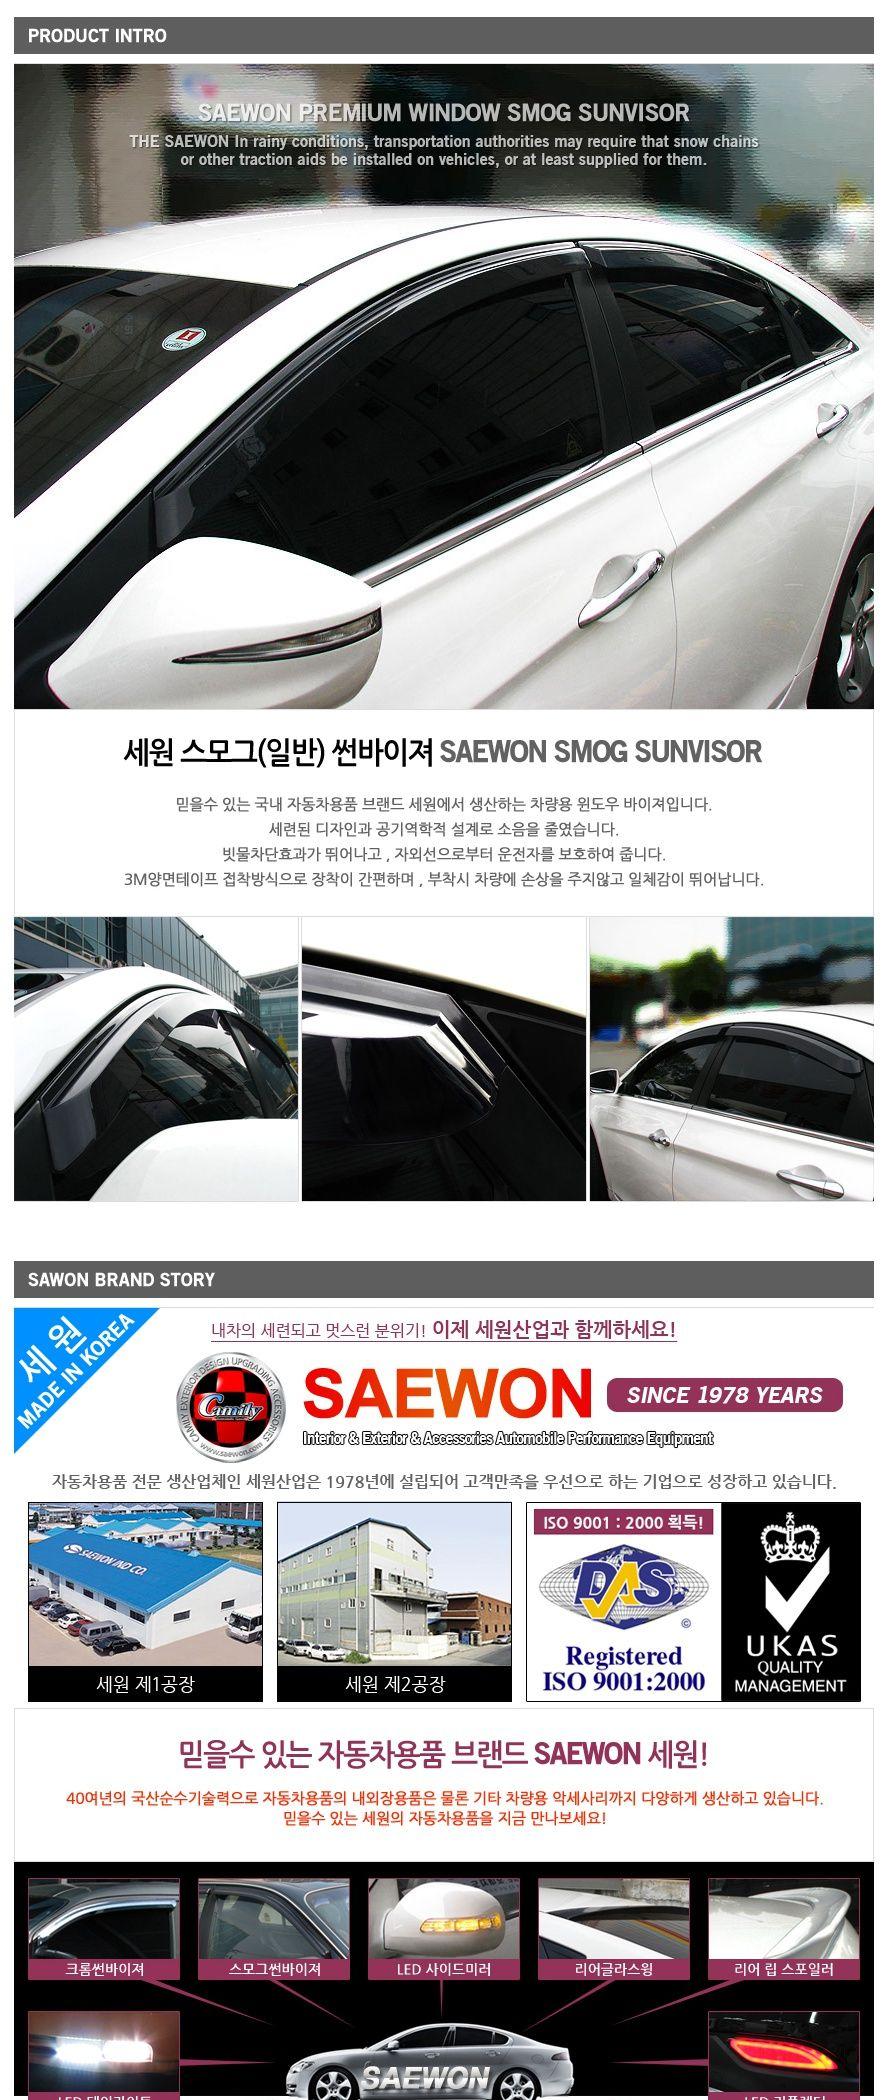 뉴스포티지 04년부터 09년 스모그 썬바이저 차량용품  차량용품 햇빛가리개 실외햇빛가리개 차량썬바이져 차량썬바이저